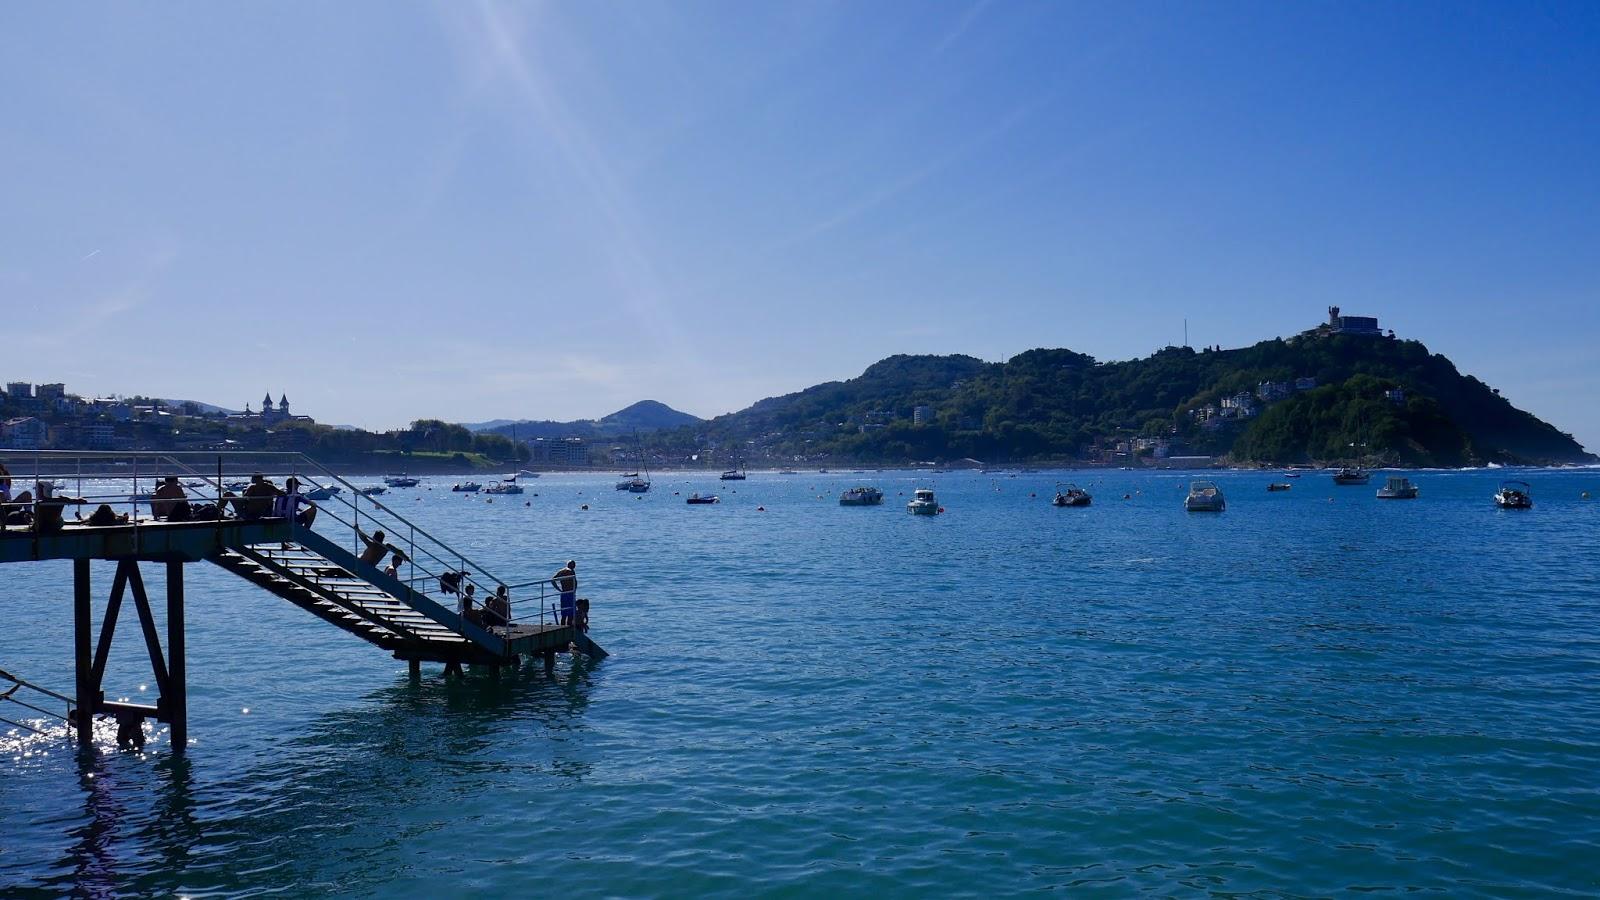 Quai du port de Saint-Sébastien Pays Basque Espagne